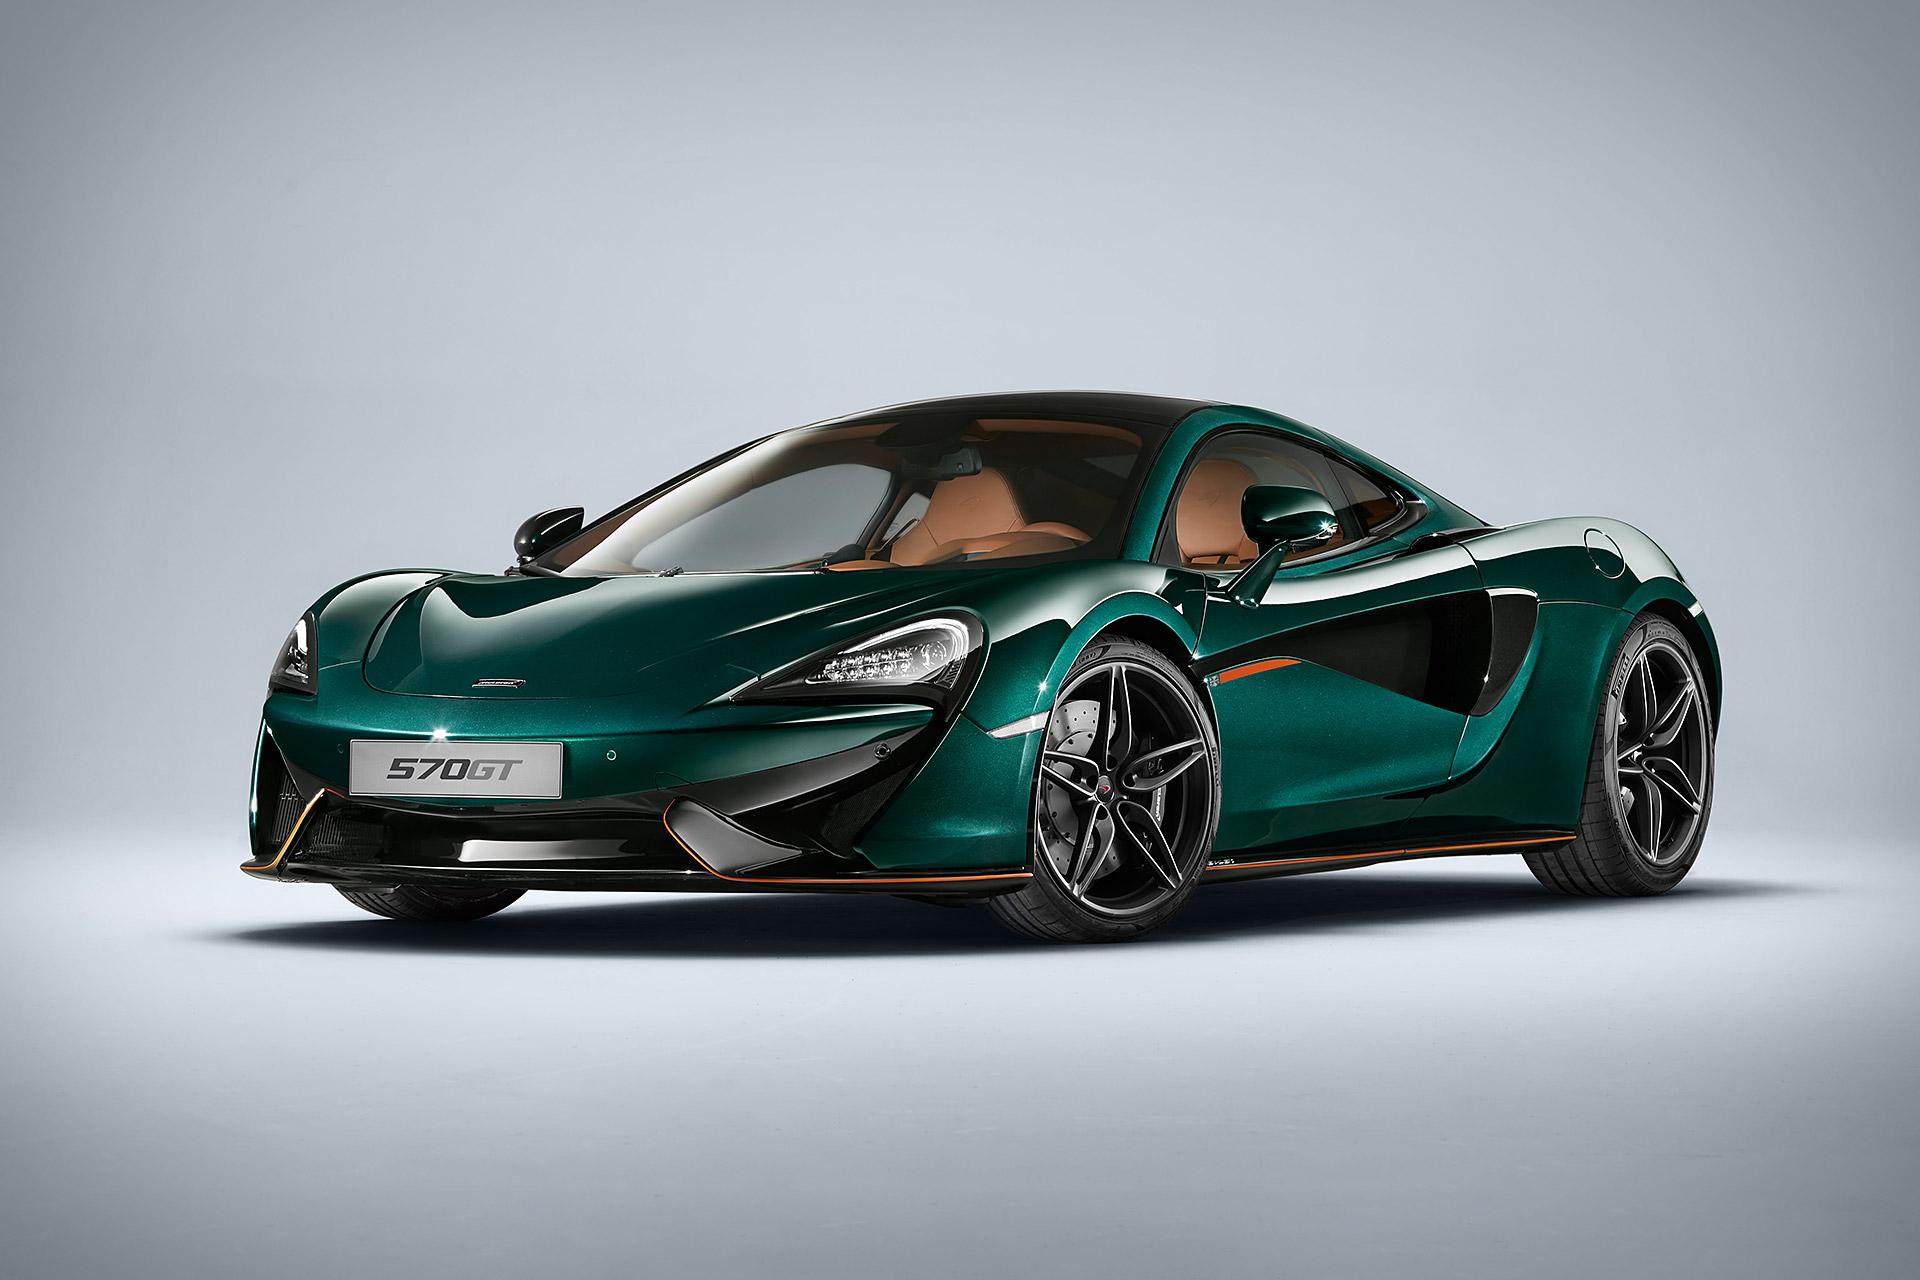 Mclaren 570gt Xp Green Edition Uncrate